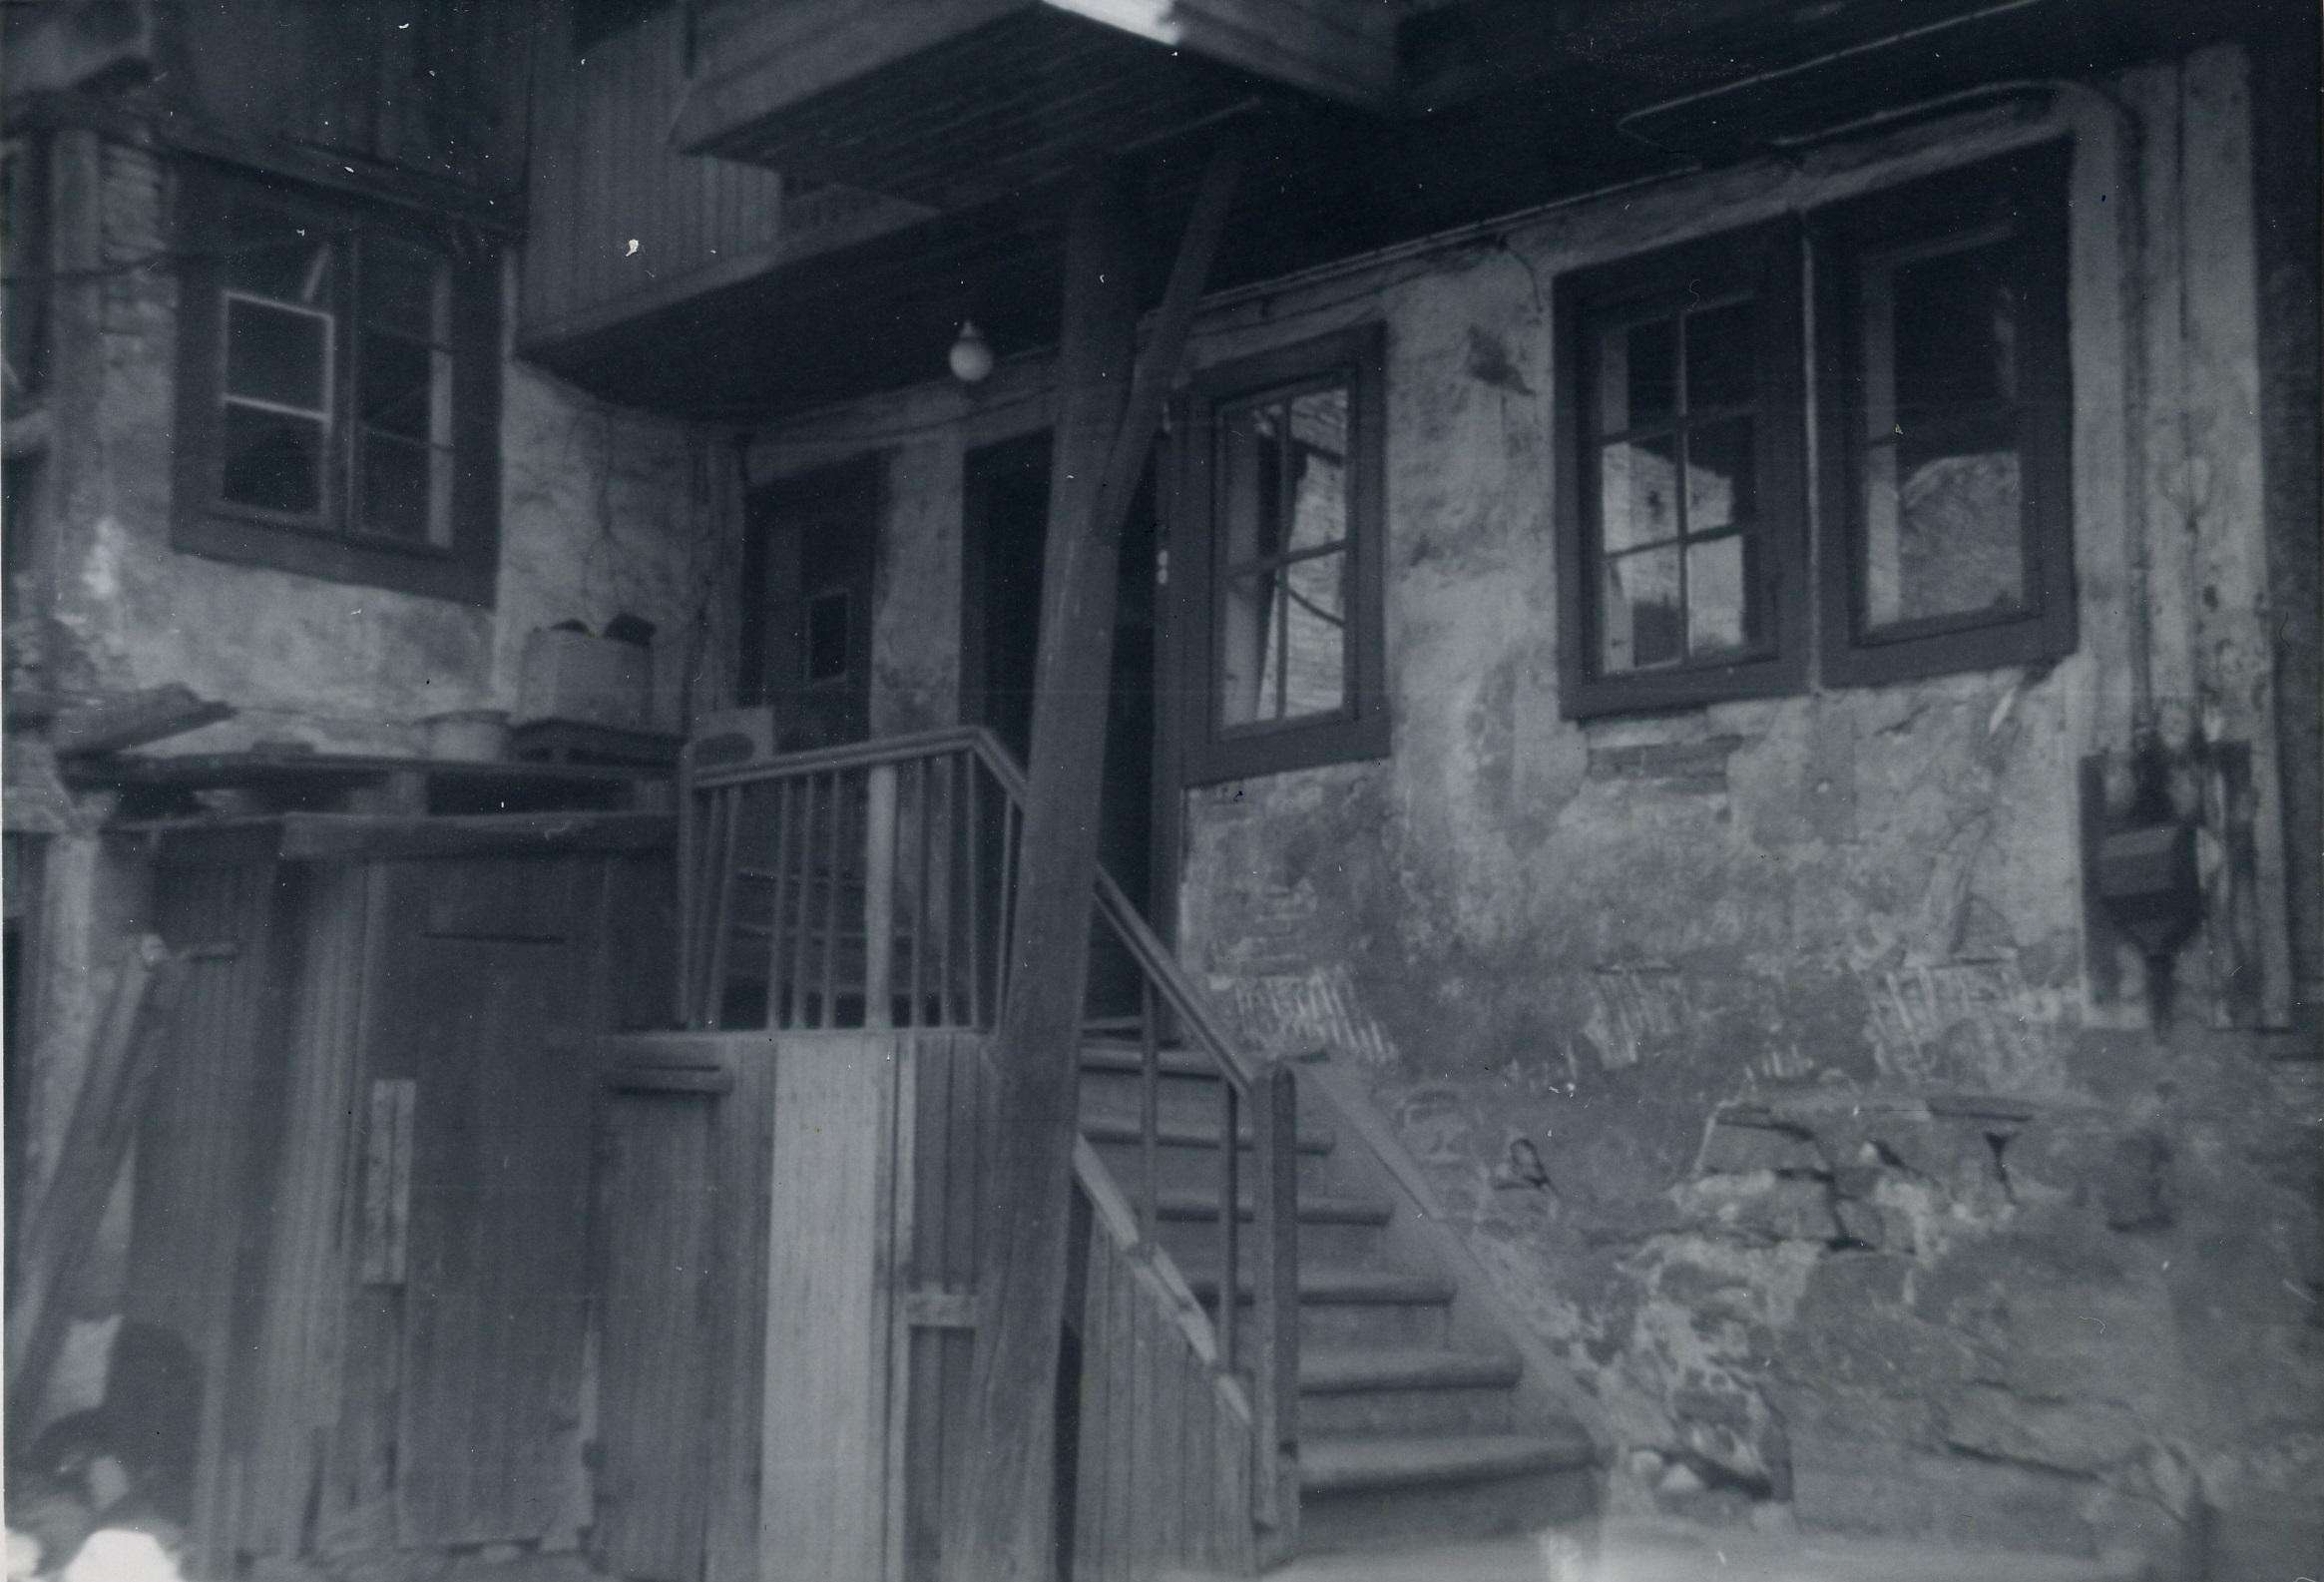 Trange gårdsrom: Lakkegata 28, inne i gården. Foto: Anton Andresen, Arbeiderminner 1962.